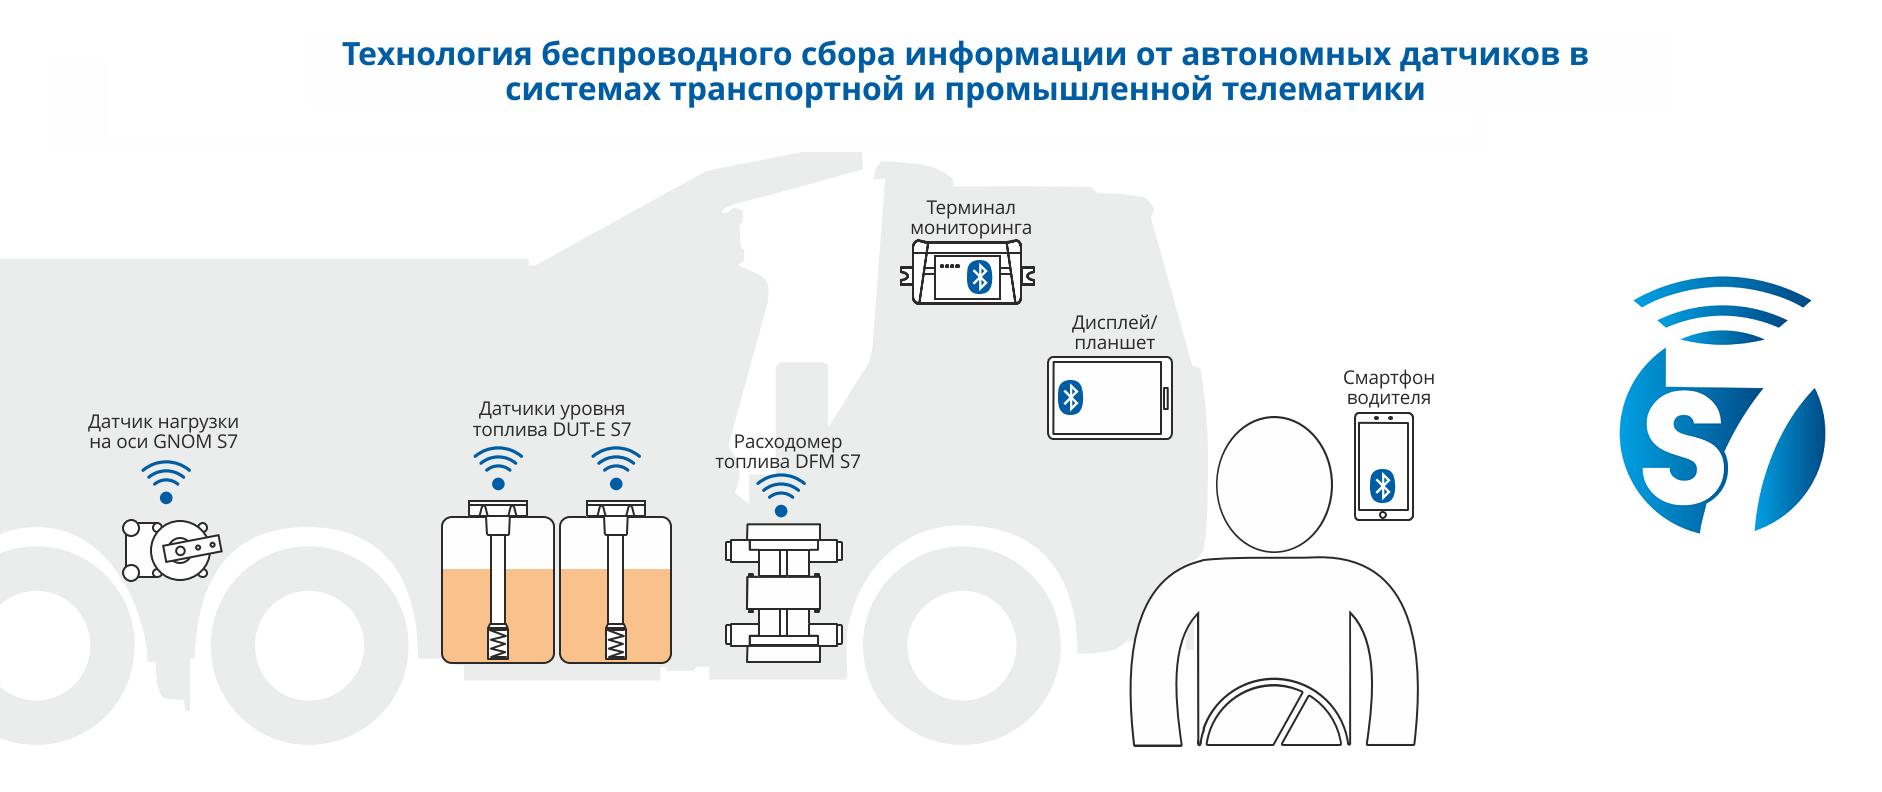 Беспроводные система мониторинга транспорта